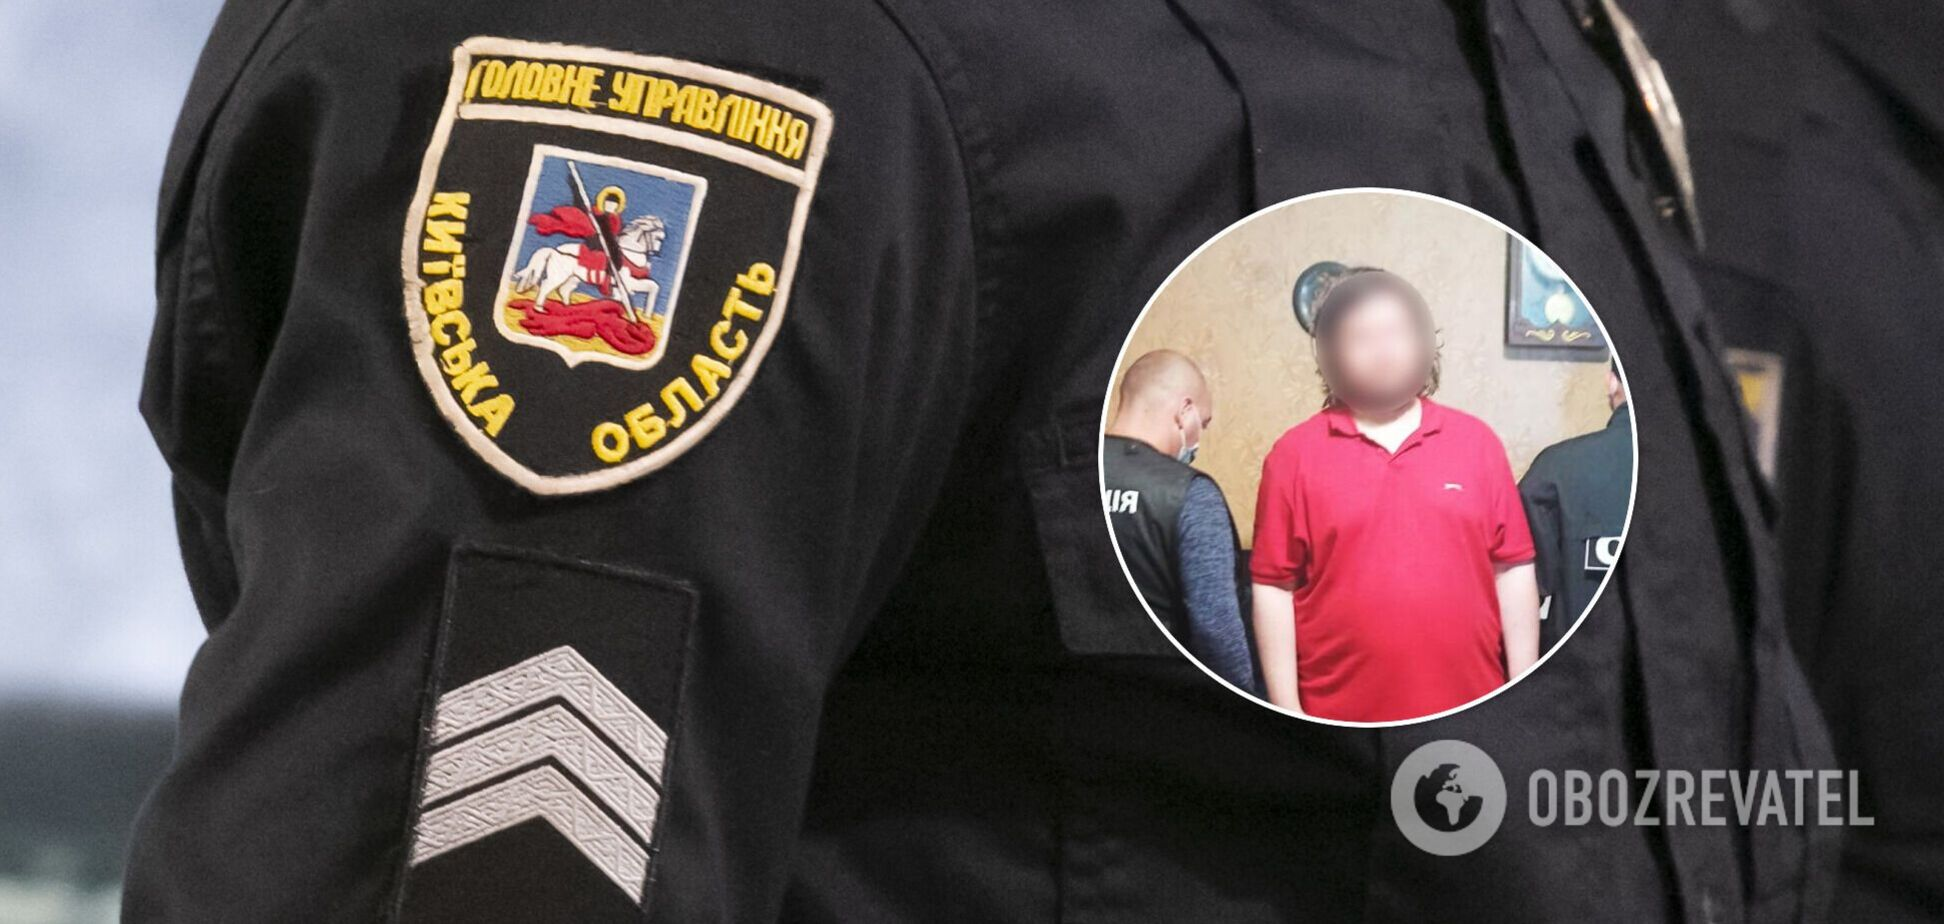 Во время обысков у мужчины изъяли технику и патроны